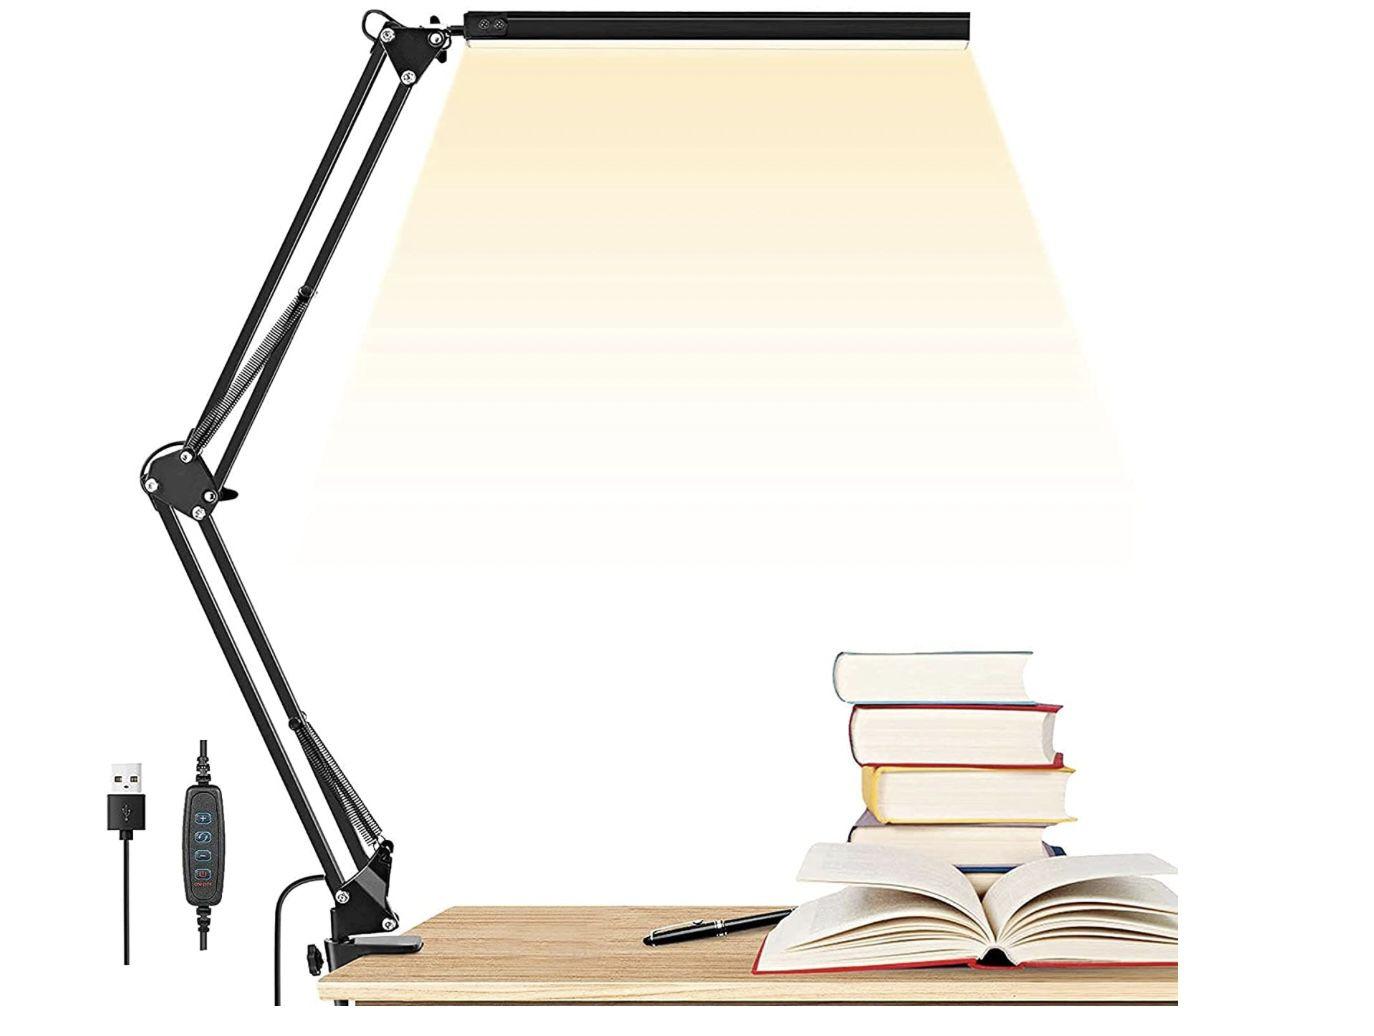 GUUKIN LED Schreibtischlampe mit 3 Farbtemperaturen und 10 Helligkeiten für 14,99€ (statt 25€)  prime